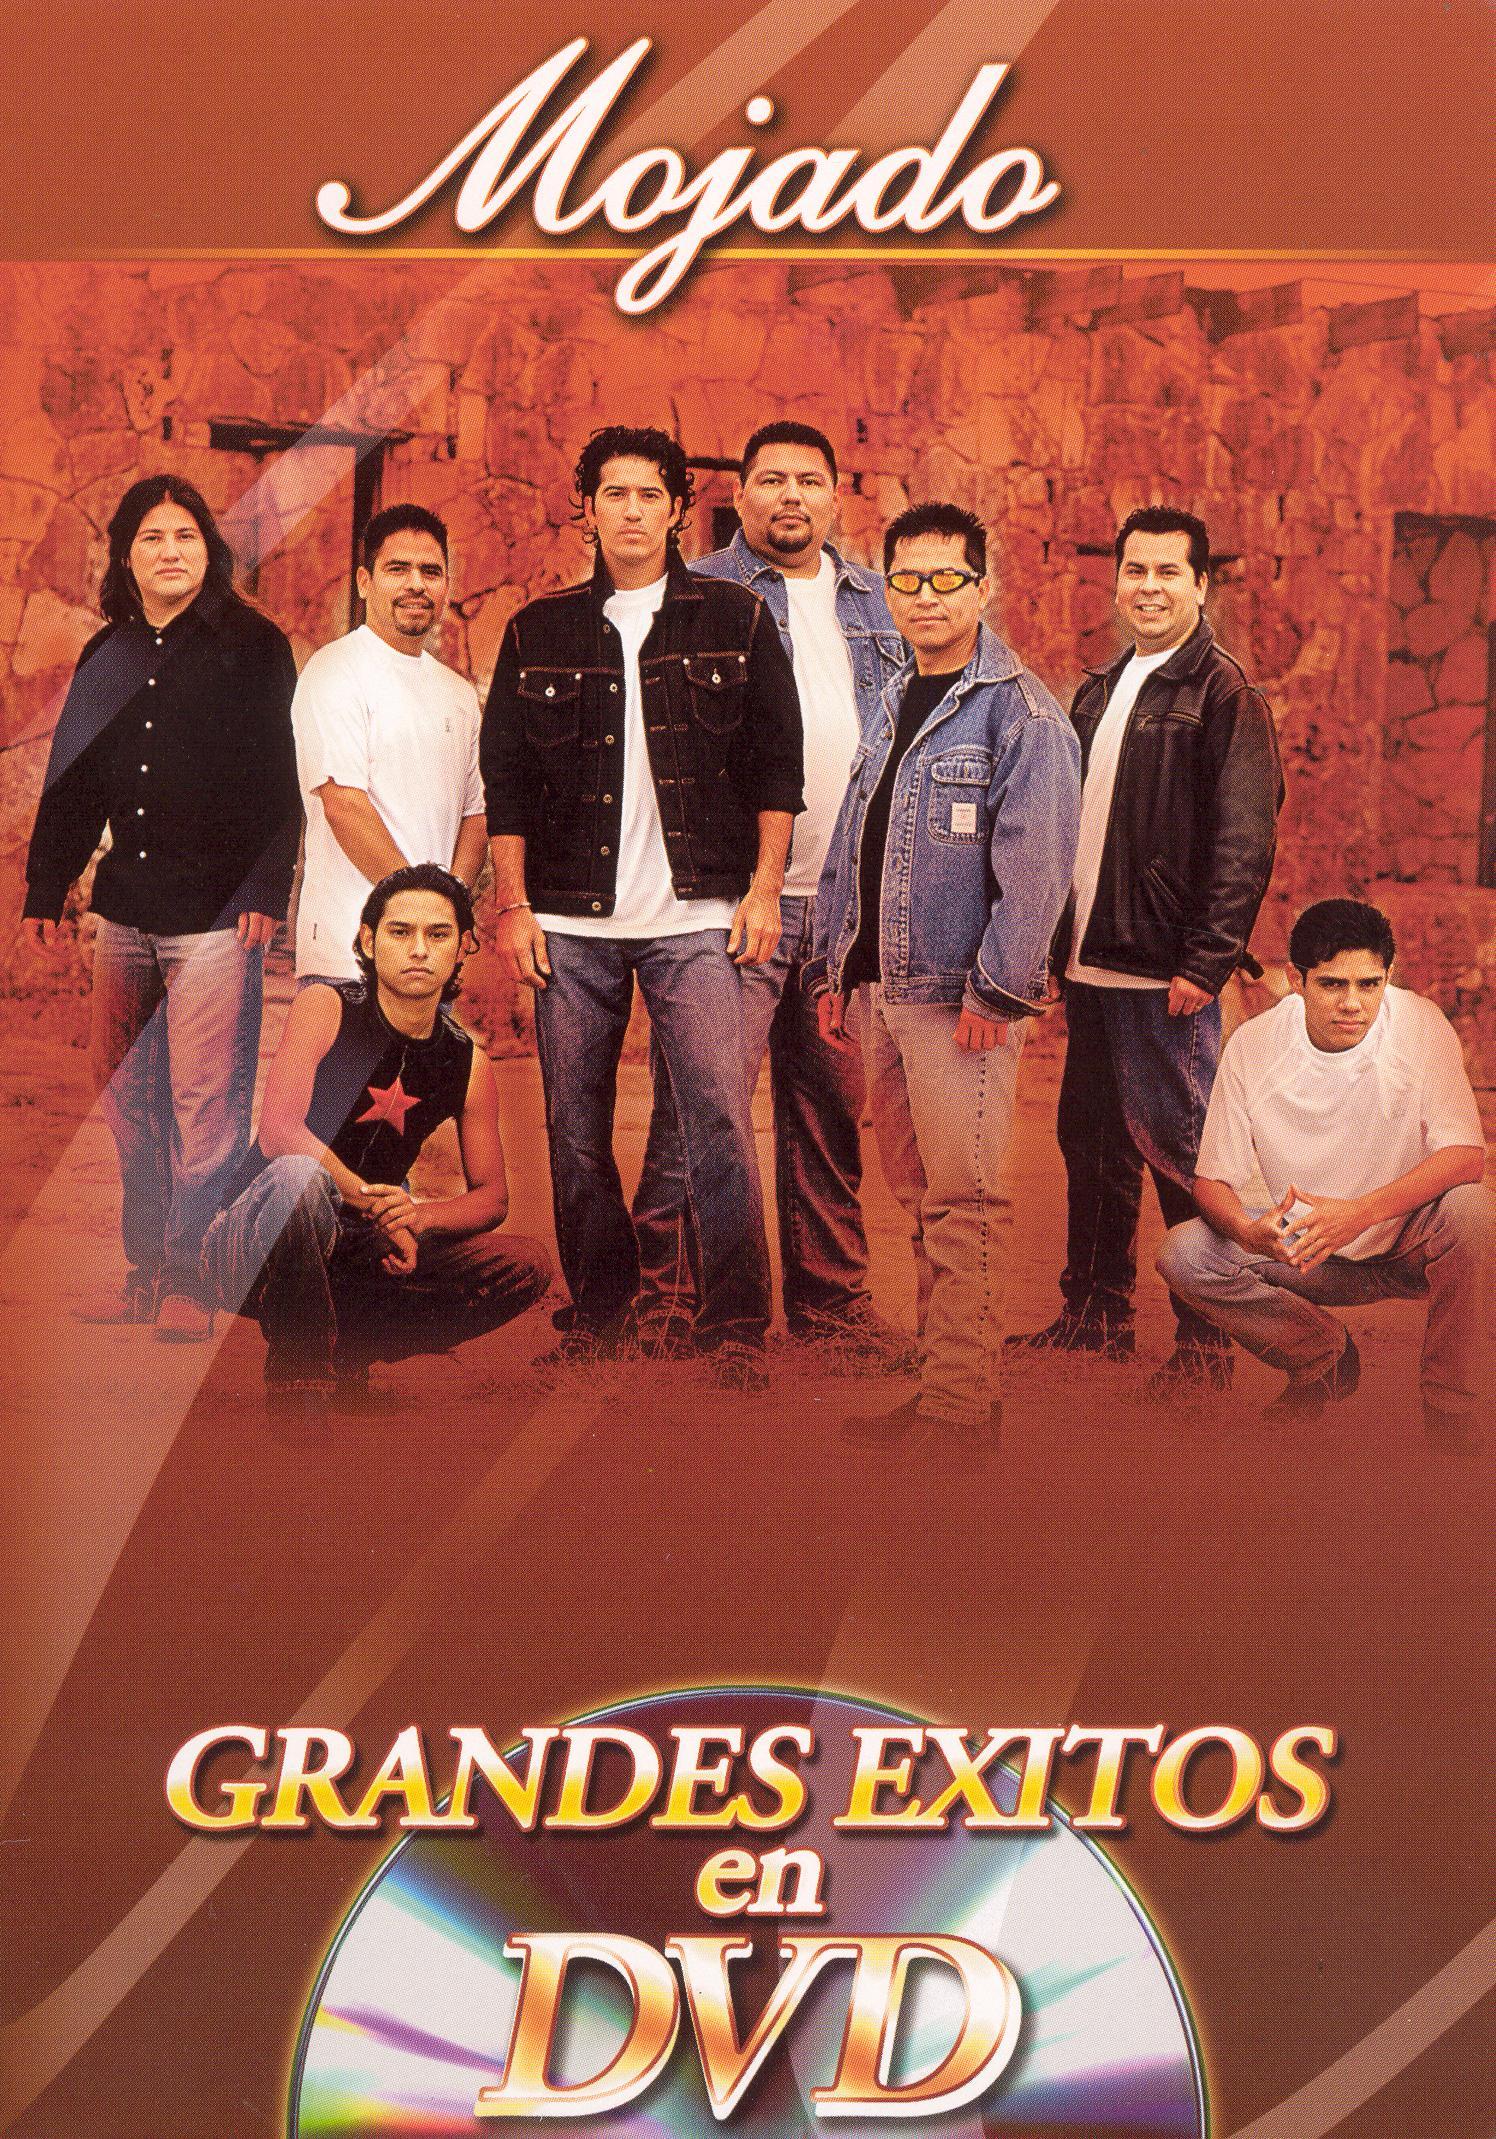 Mojado: Grandes Exitos en DVD